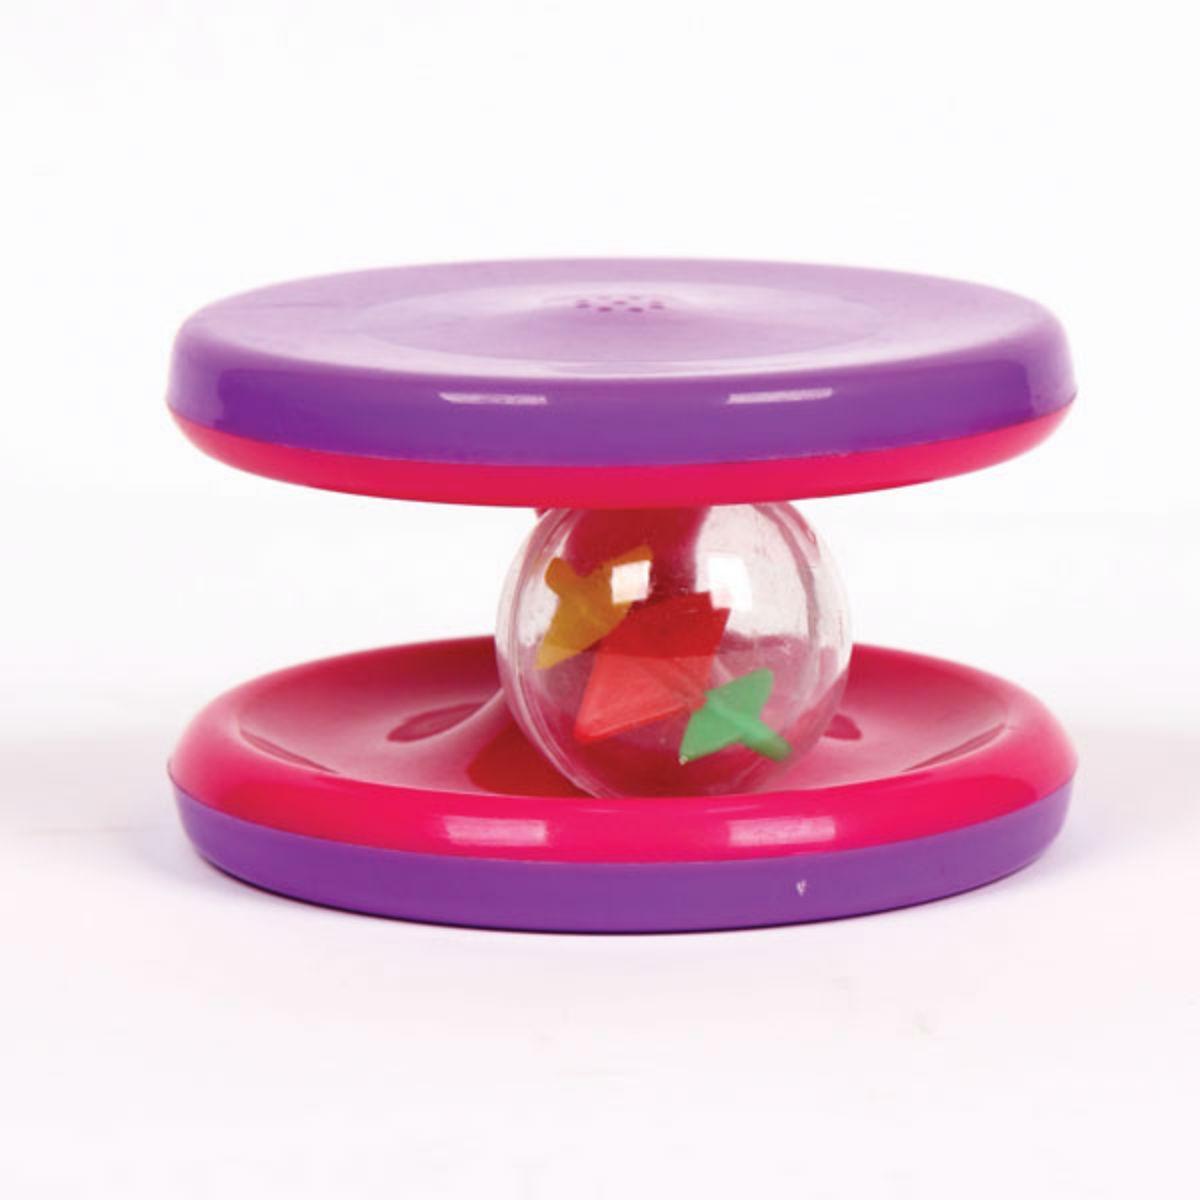 Pet Park Blvd Spinin' Round n' Round Cat Toy